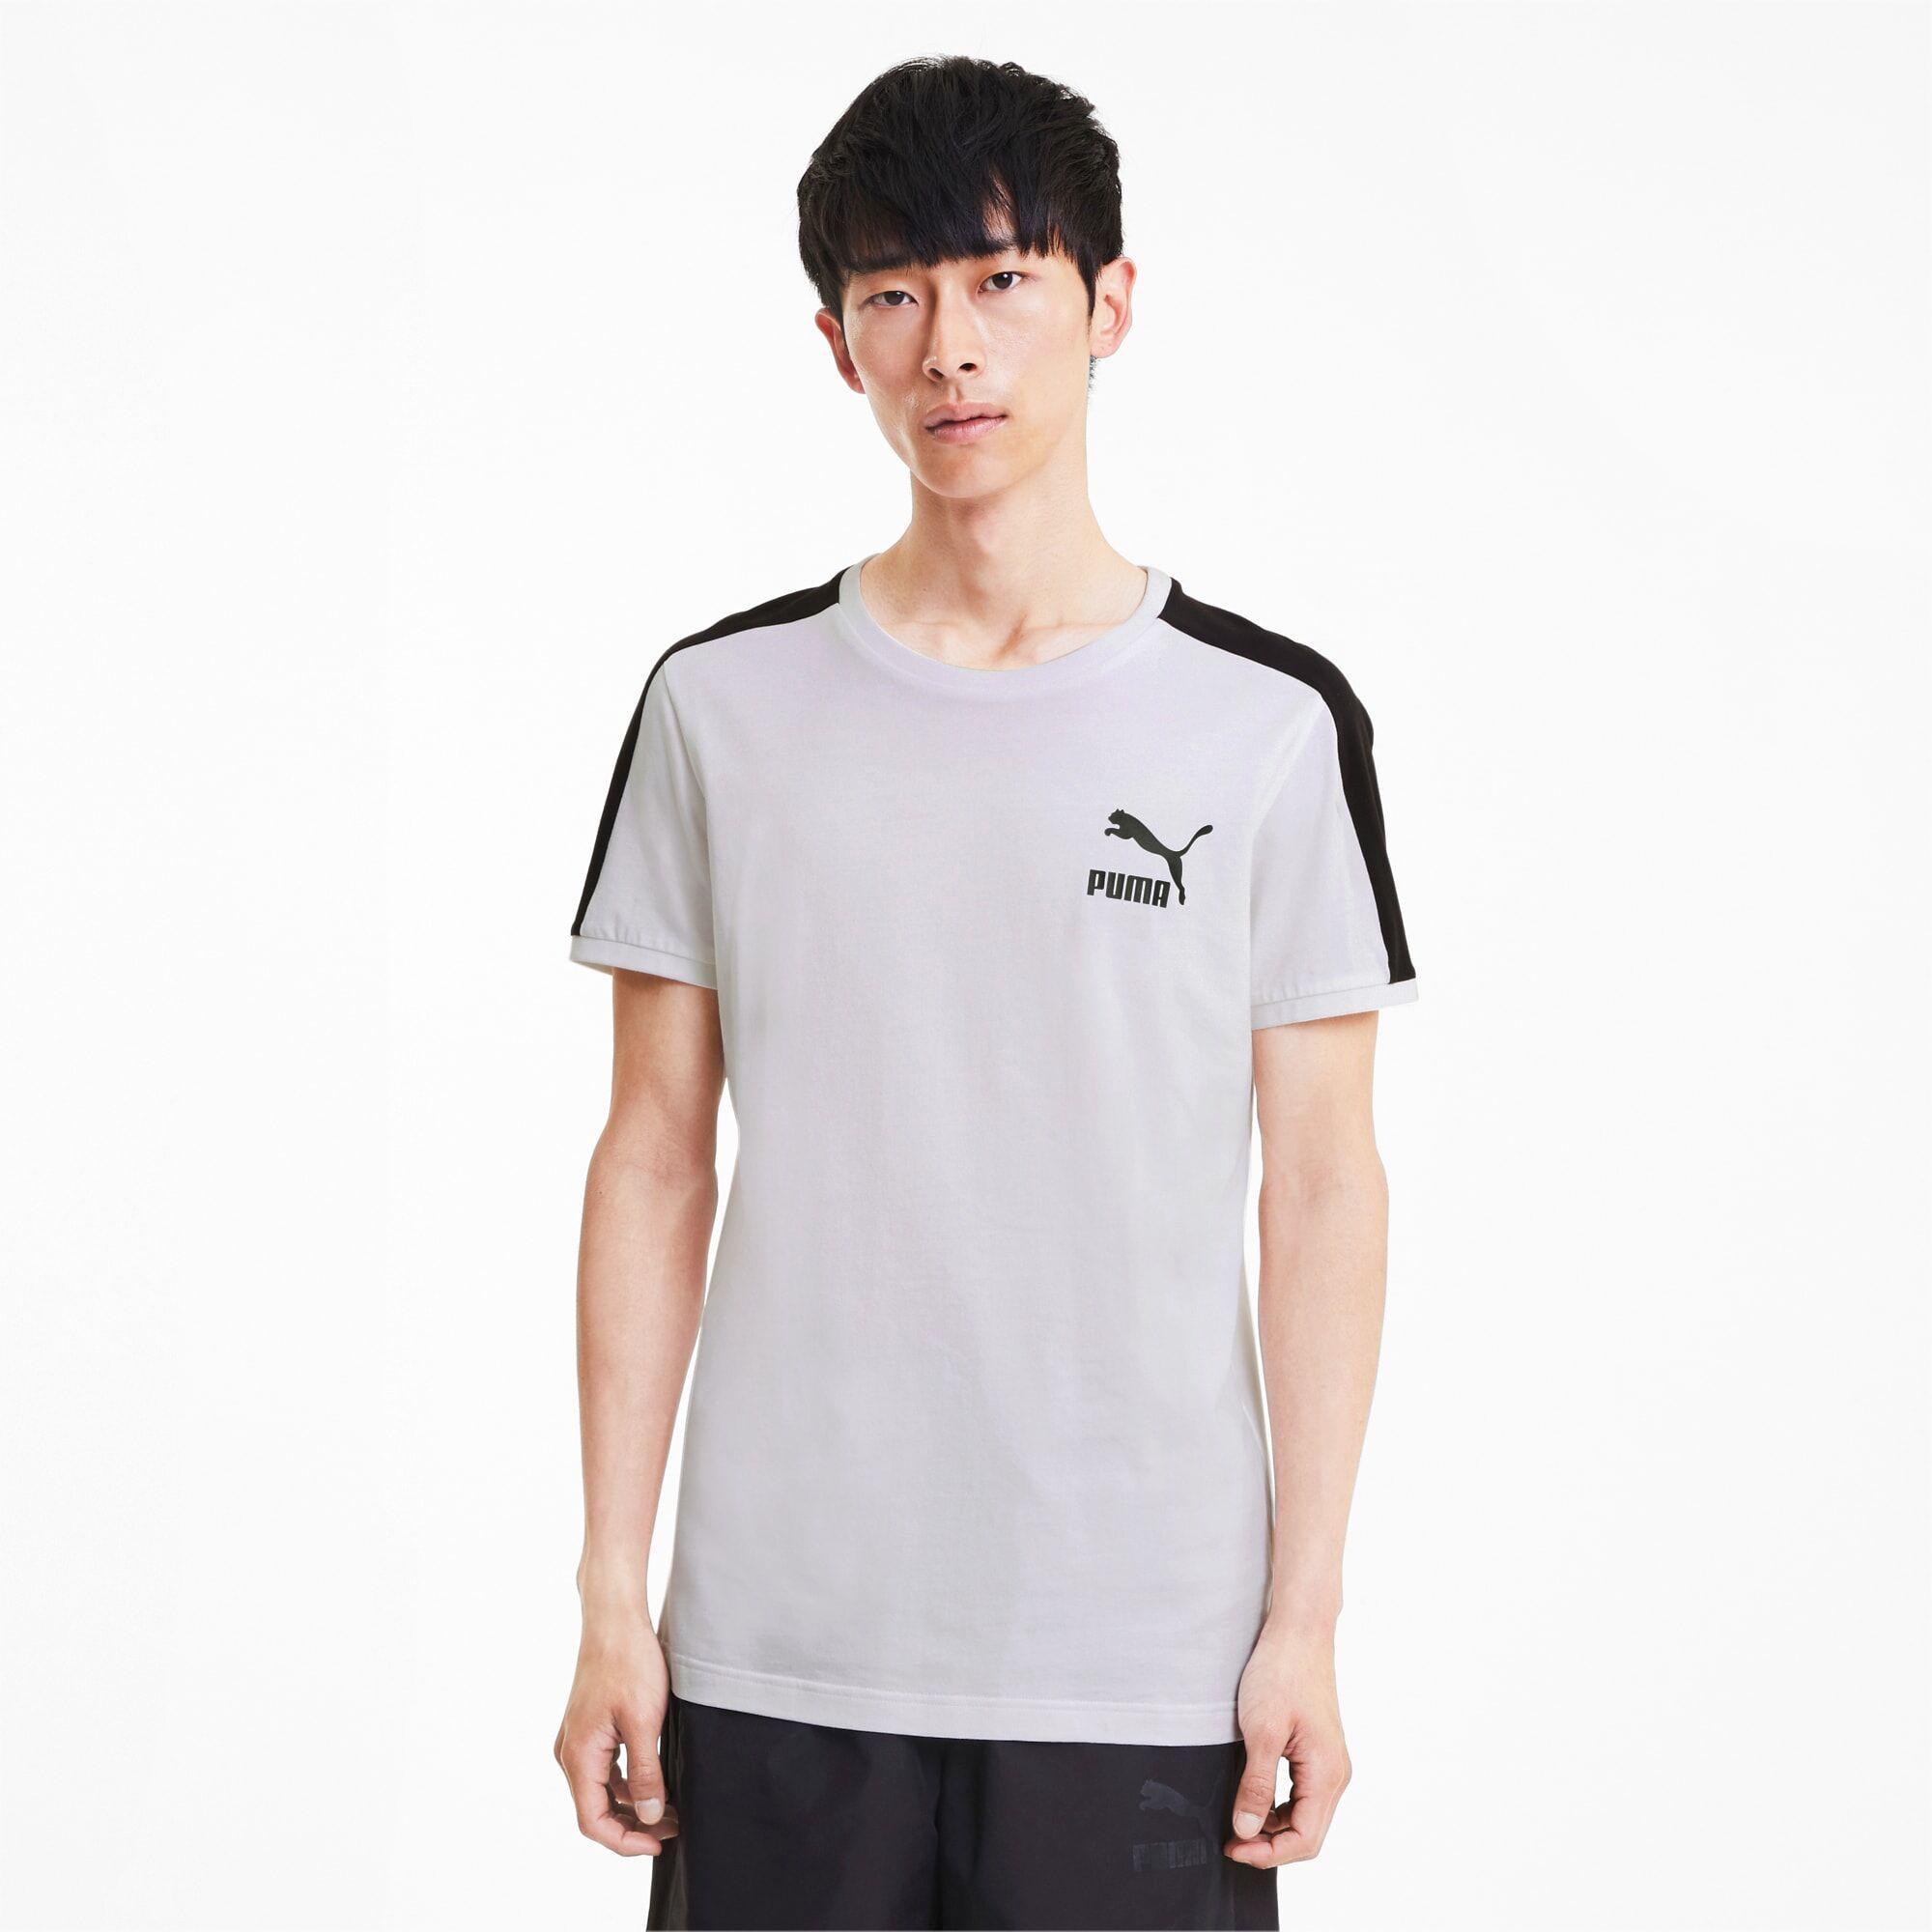 PUMA T-Shirt Iconic T7 Slim pour Homme, Blanc, Taille XS, Vêtements